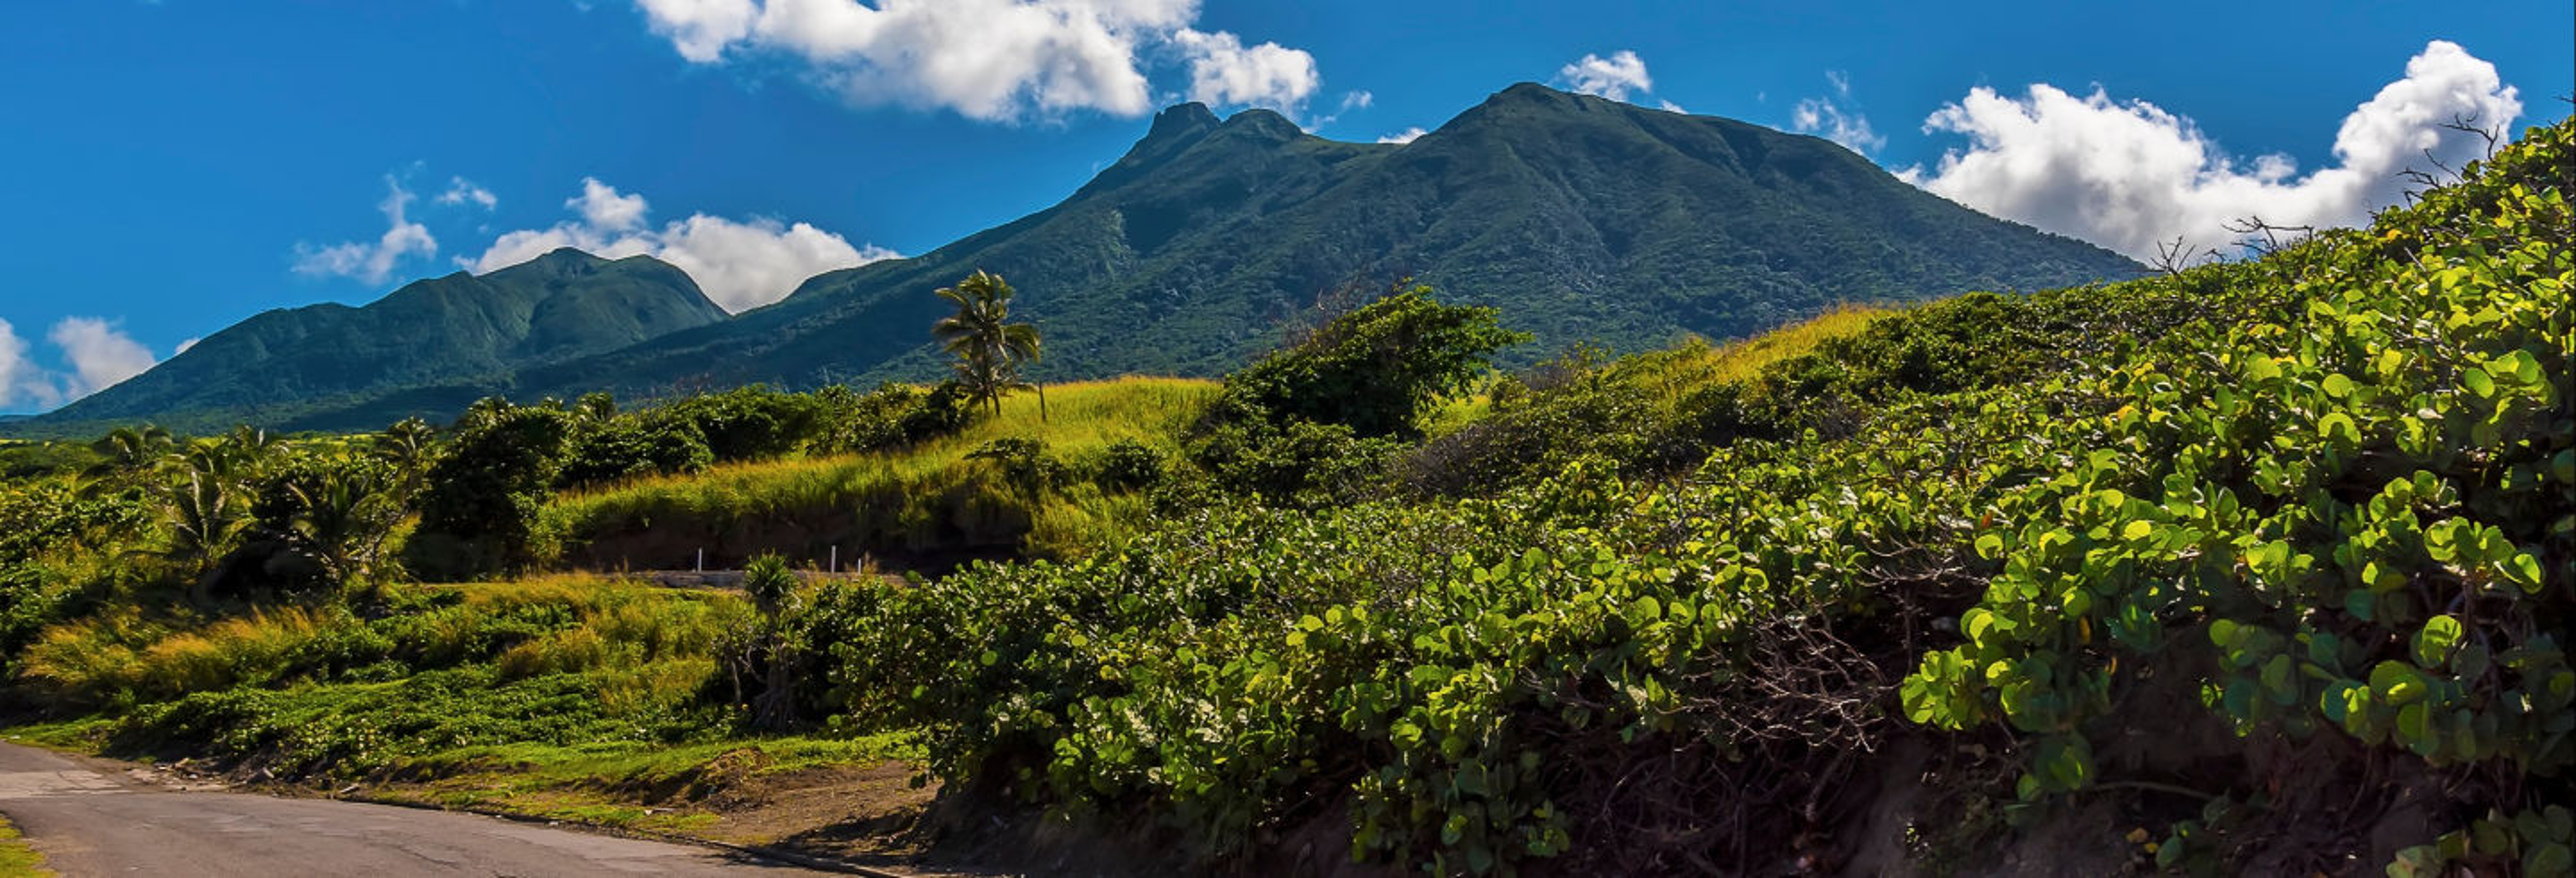 Randonnée sur le volcan Liamuiga